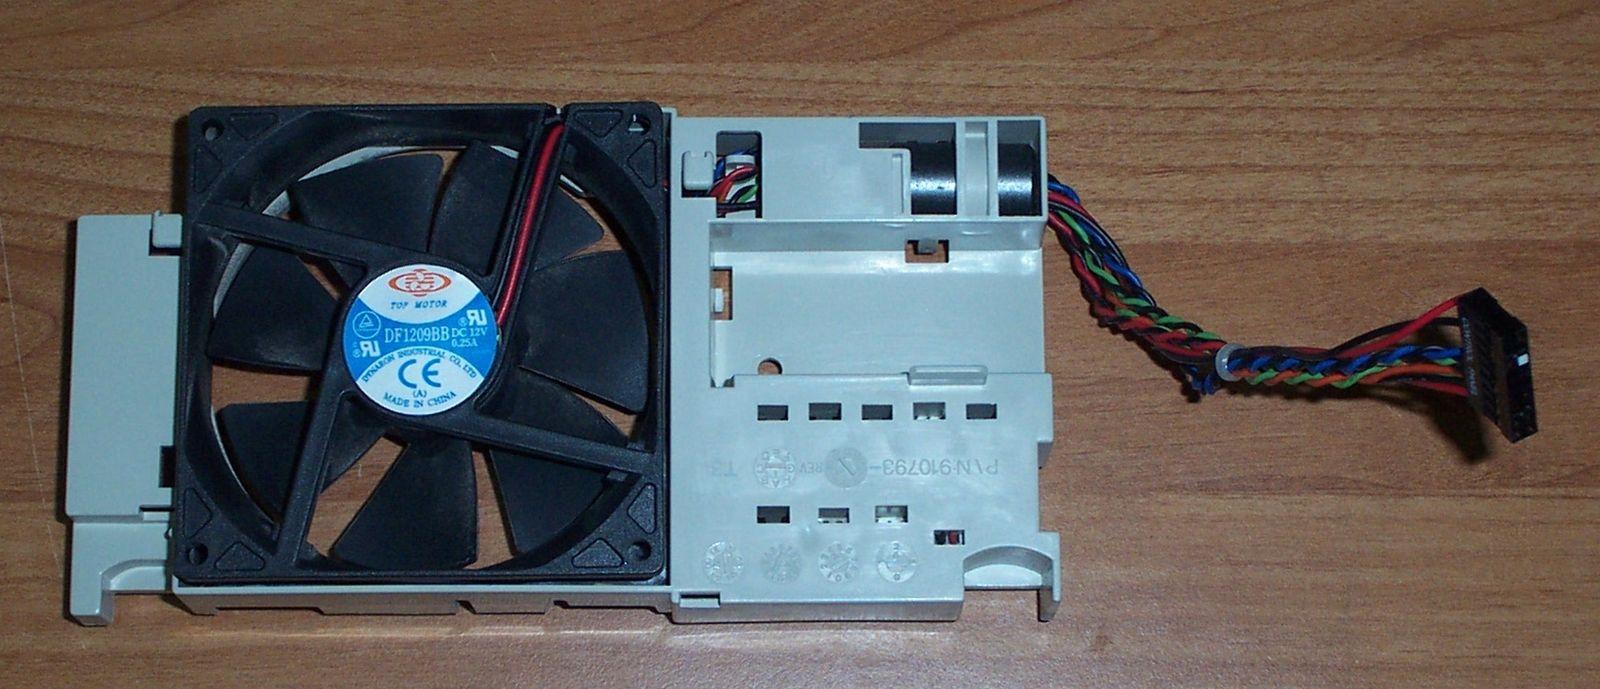 Gateway 910793 Gateway E1400 Fan & Power Switch Assy